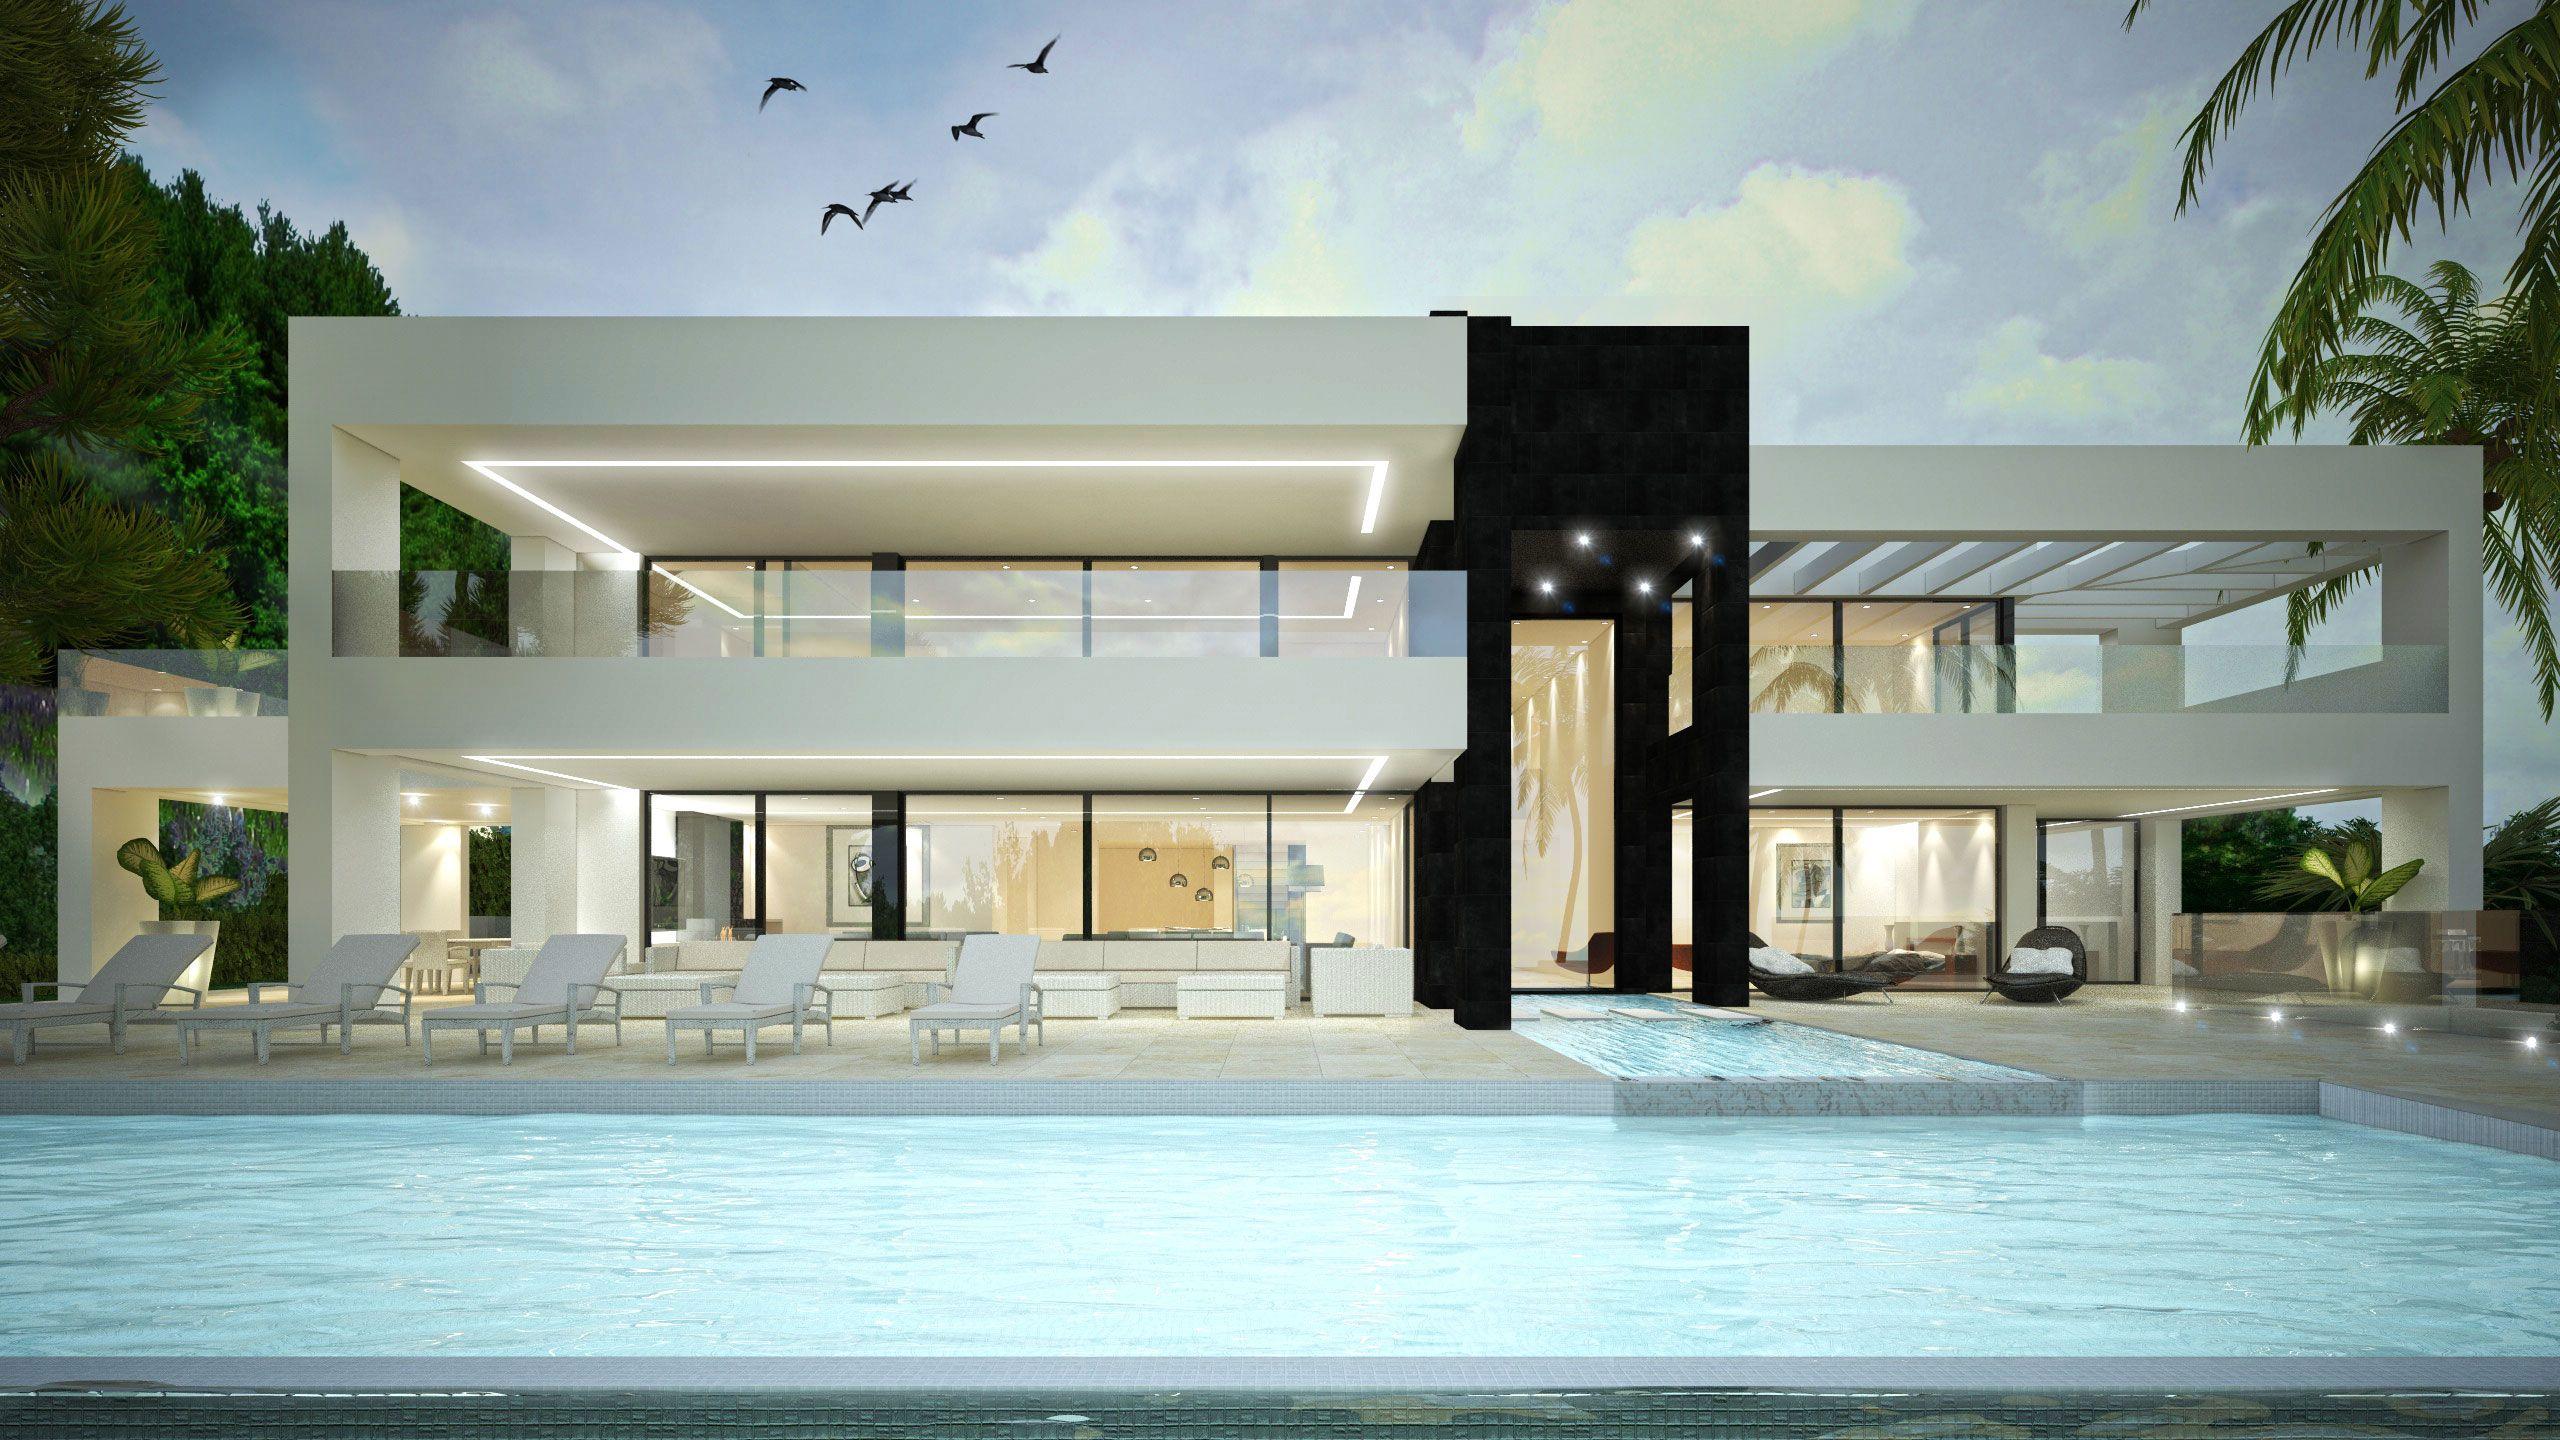 VILLAS MODERNES Maisons contemporaines, immobilier de luxe à vendre ...